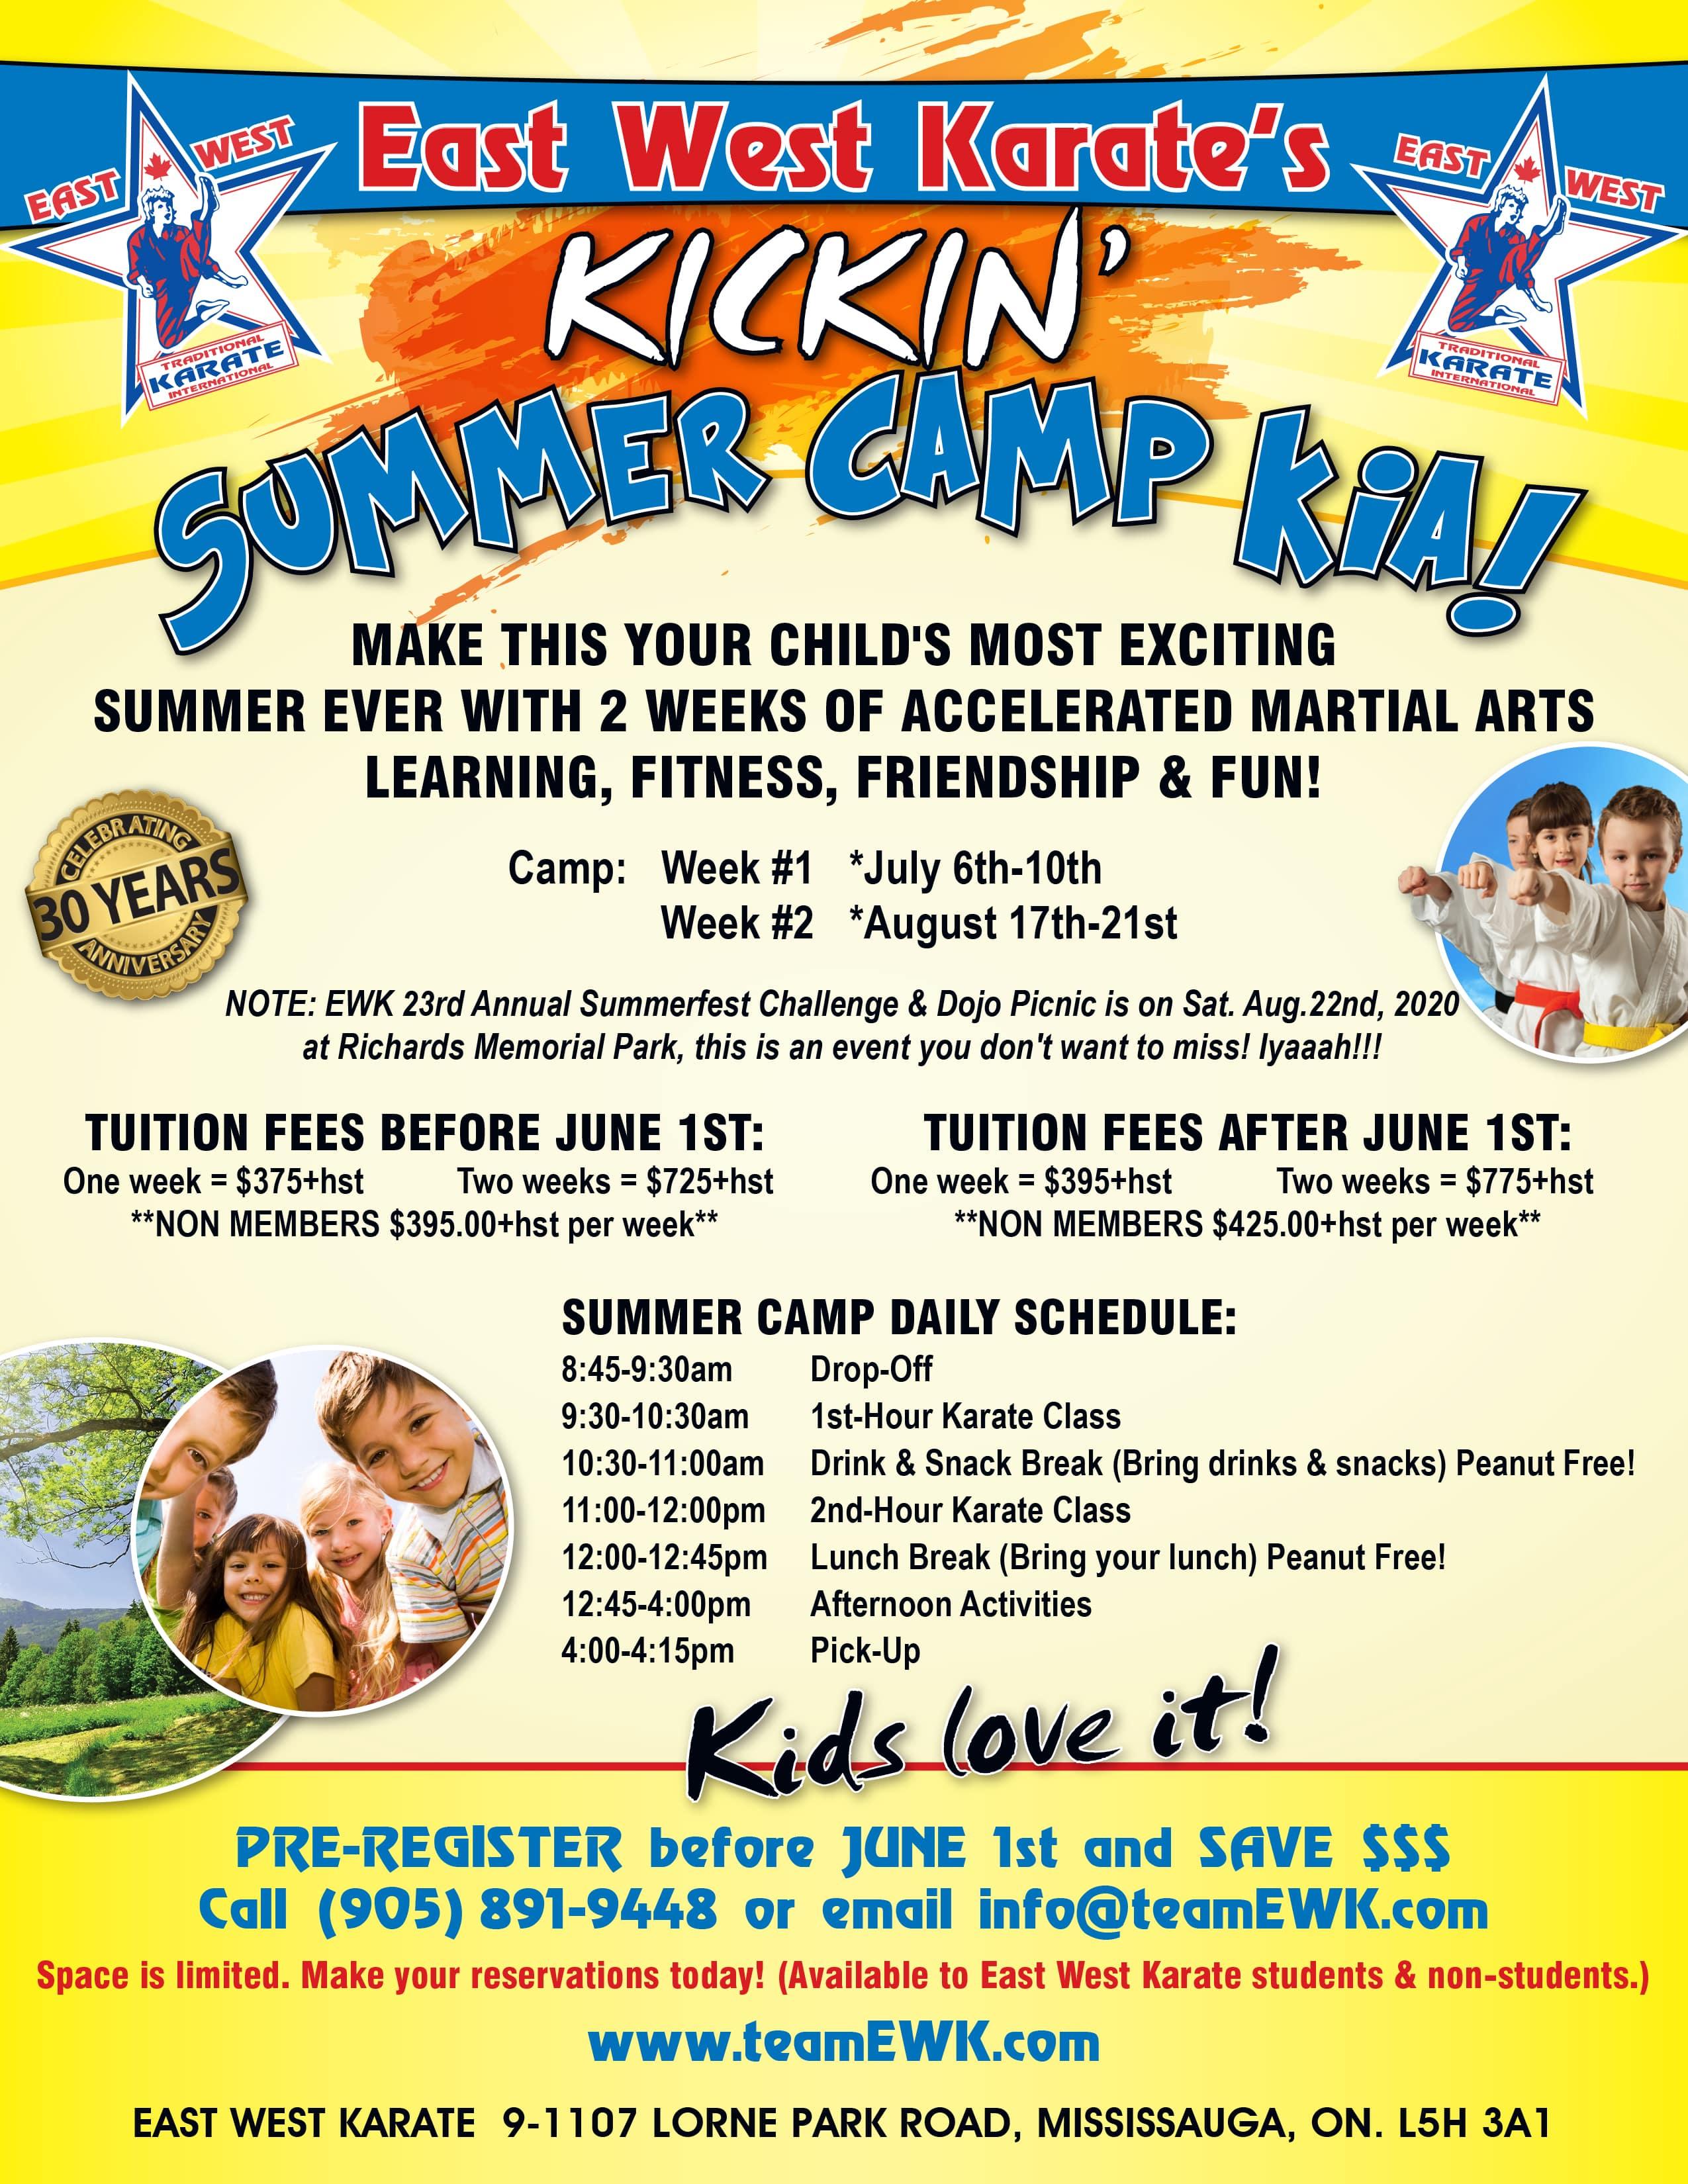 camp flyer_east west karate-1-min